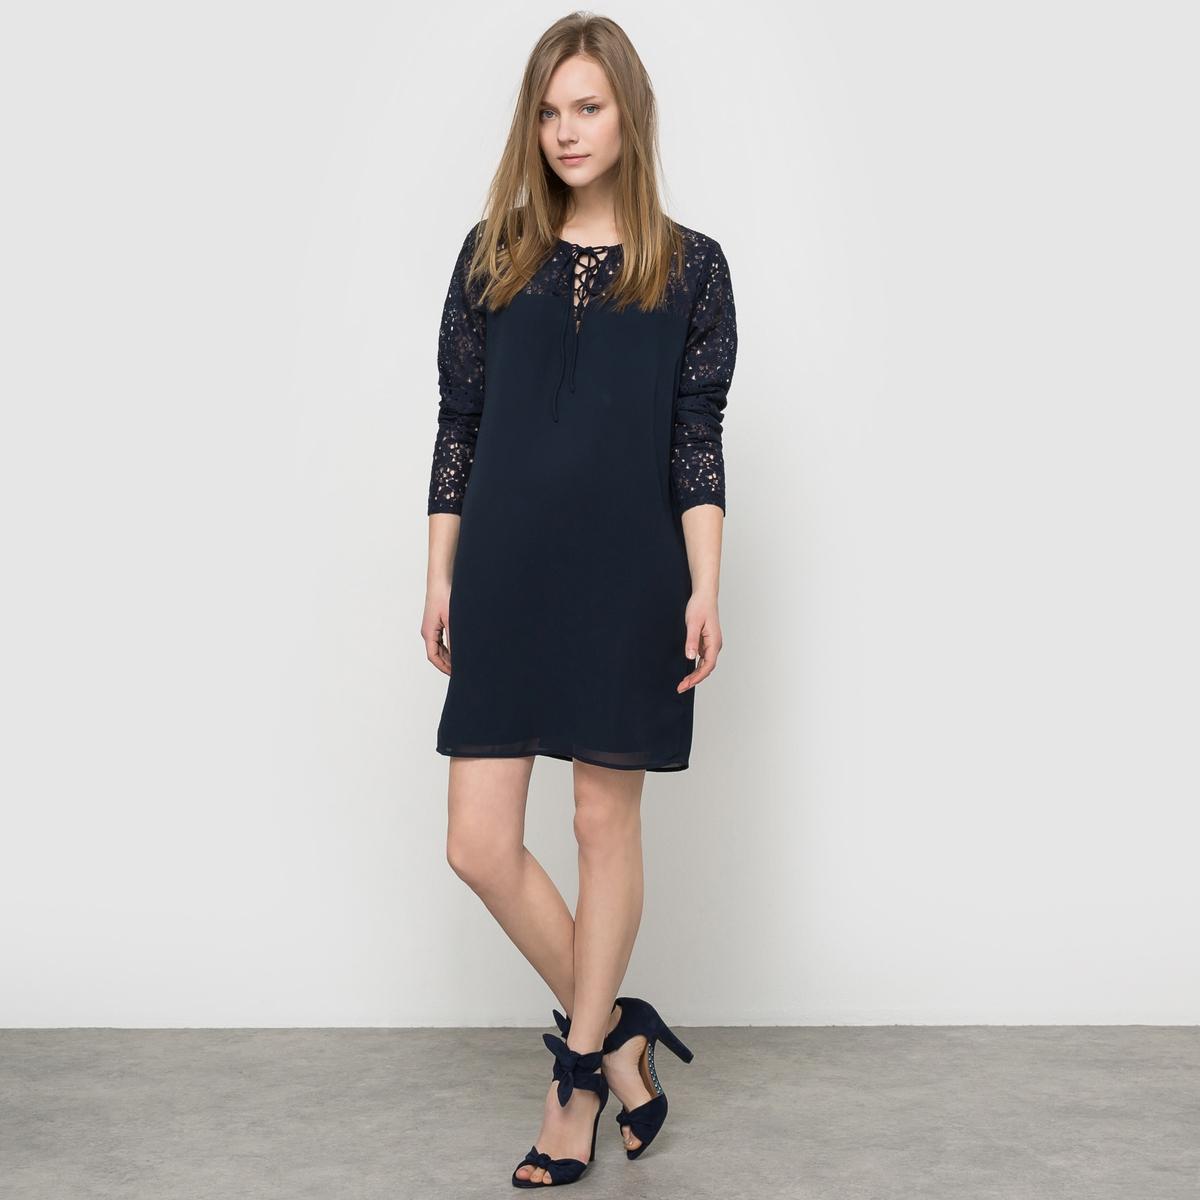 Платье кружевное VILA, Vicinda L/S DressПлатье Vicinda L/S Dress от VILA. Кружево на рукавах, плечах, спереди и сзади. Длинные рукава. Вырез на шнуровке. Состав и описание :Материал : 62% хлопка, 27% полиамида, 11% вискозыМарка : VILA.<br><br>Цвет: темно-синий<br>Размер: XS